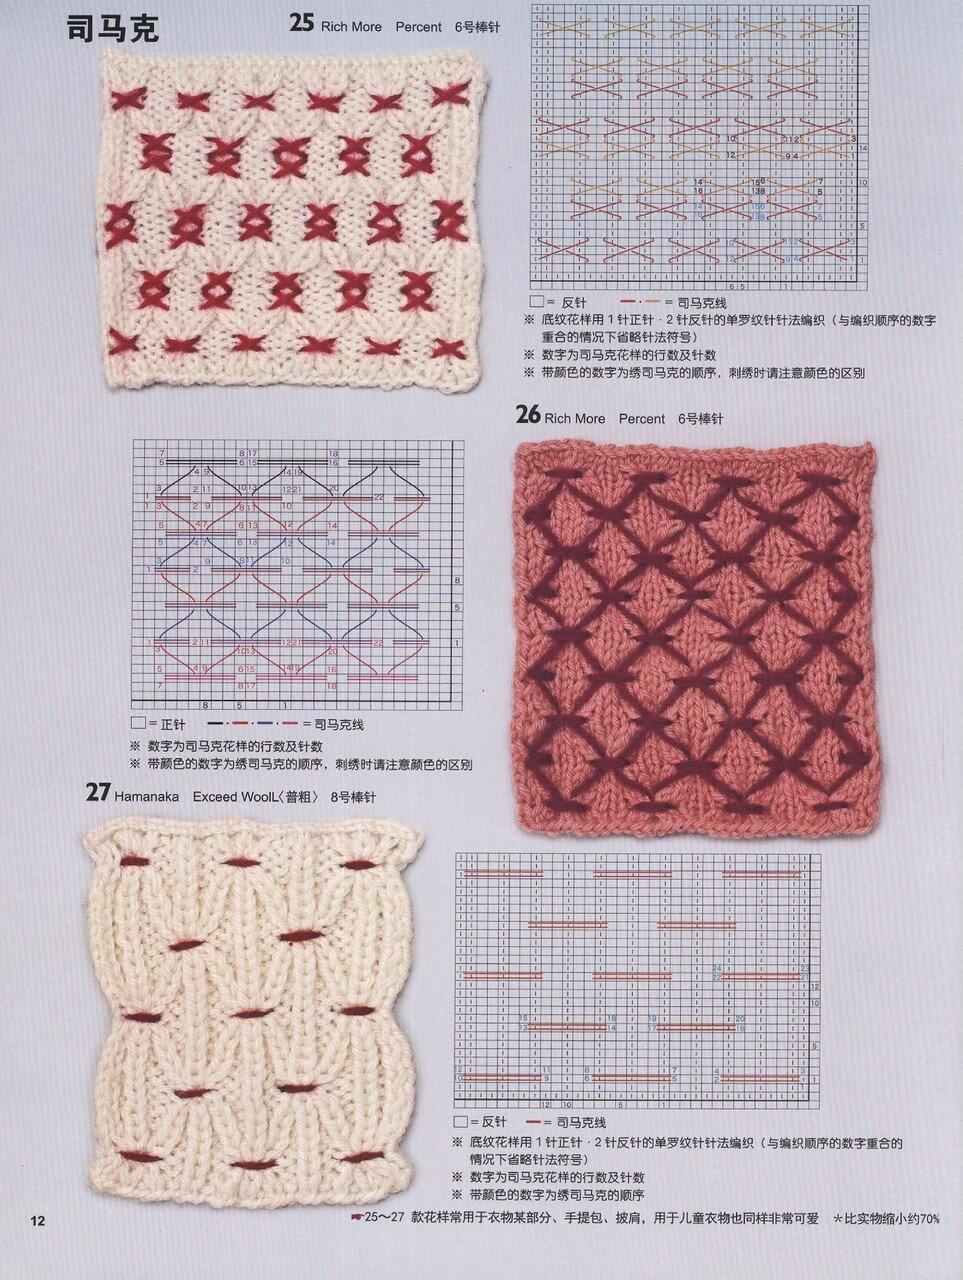 150 Knitting_14.jpg